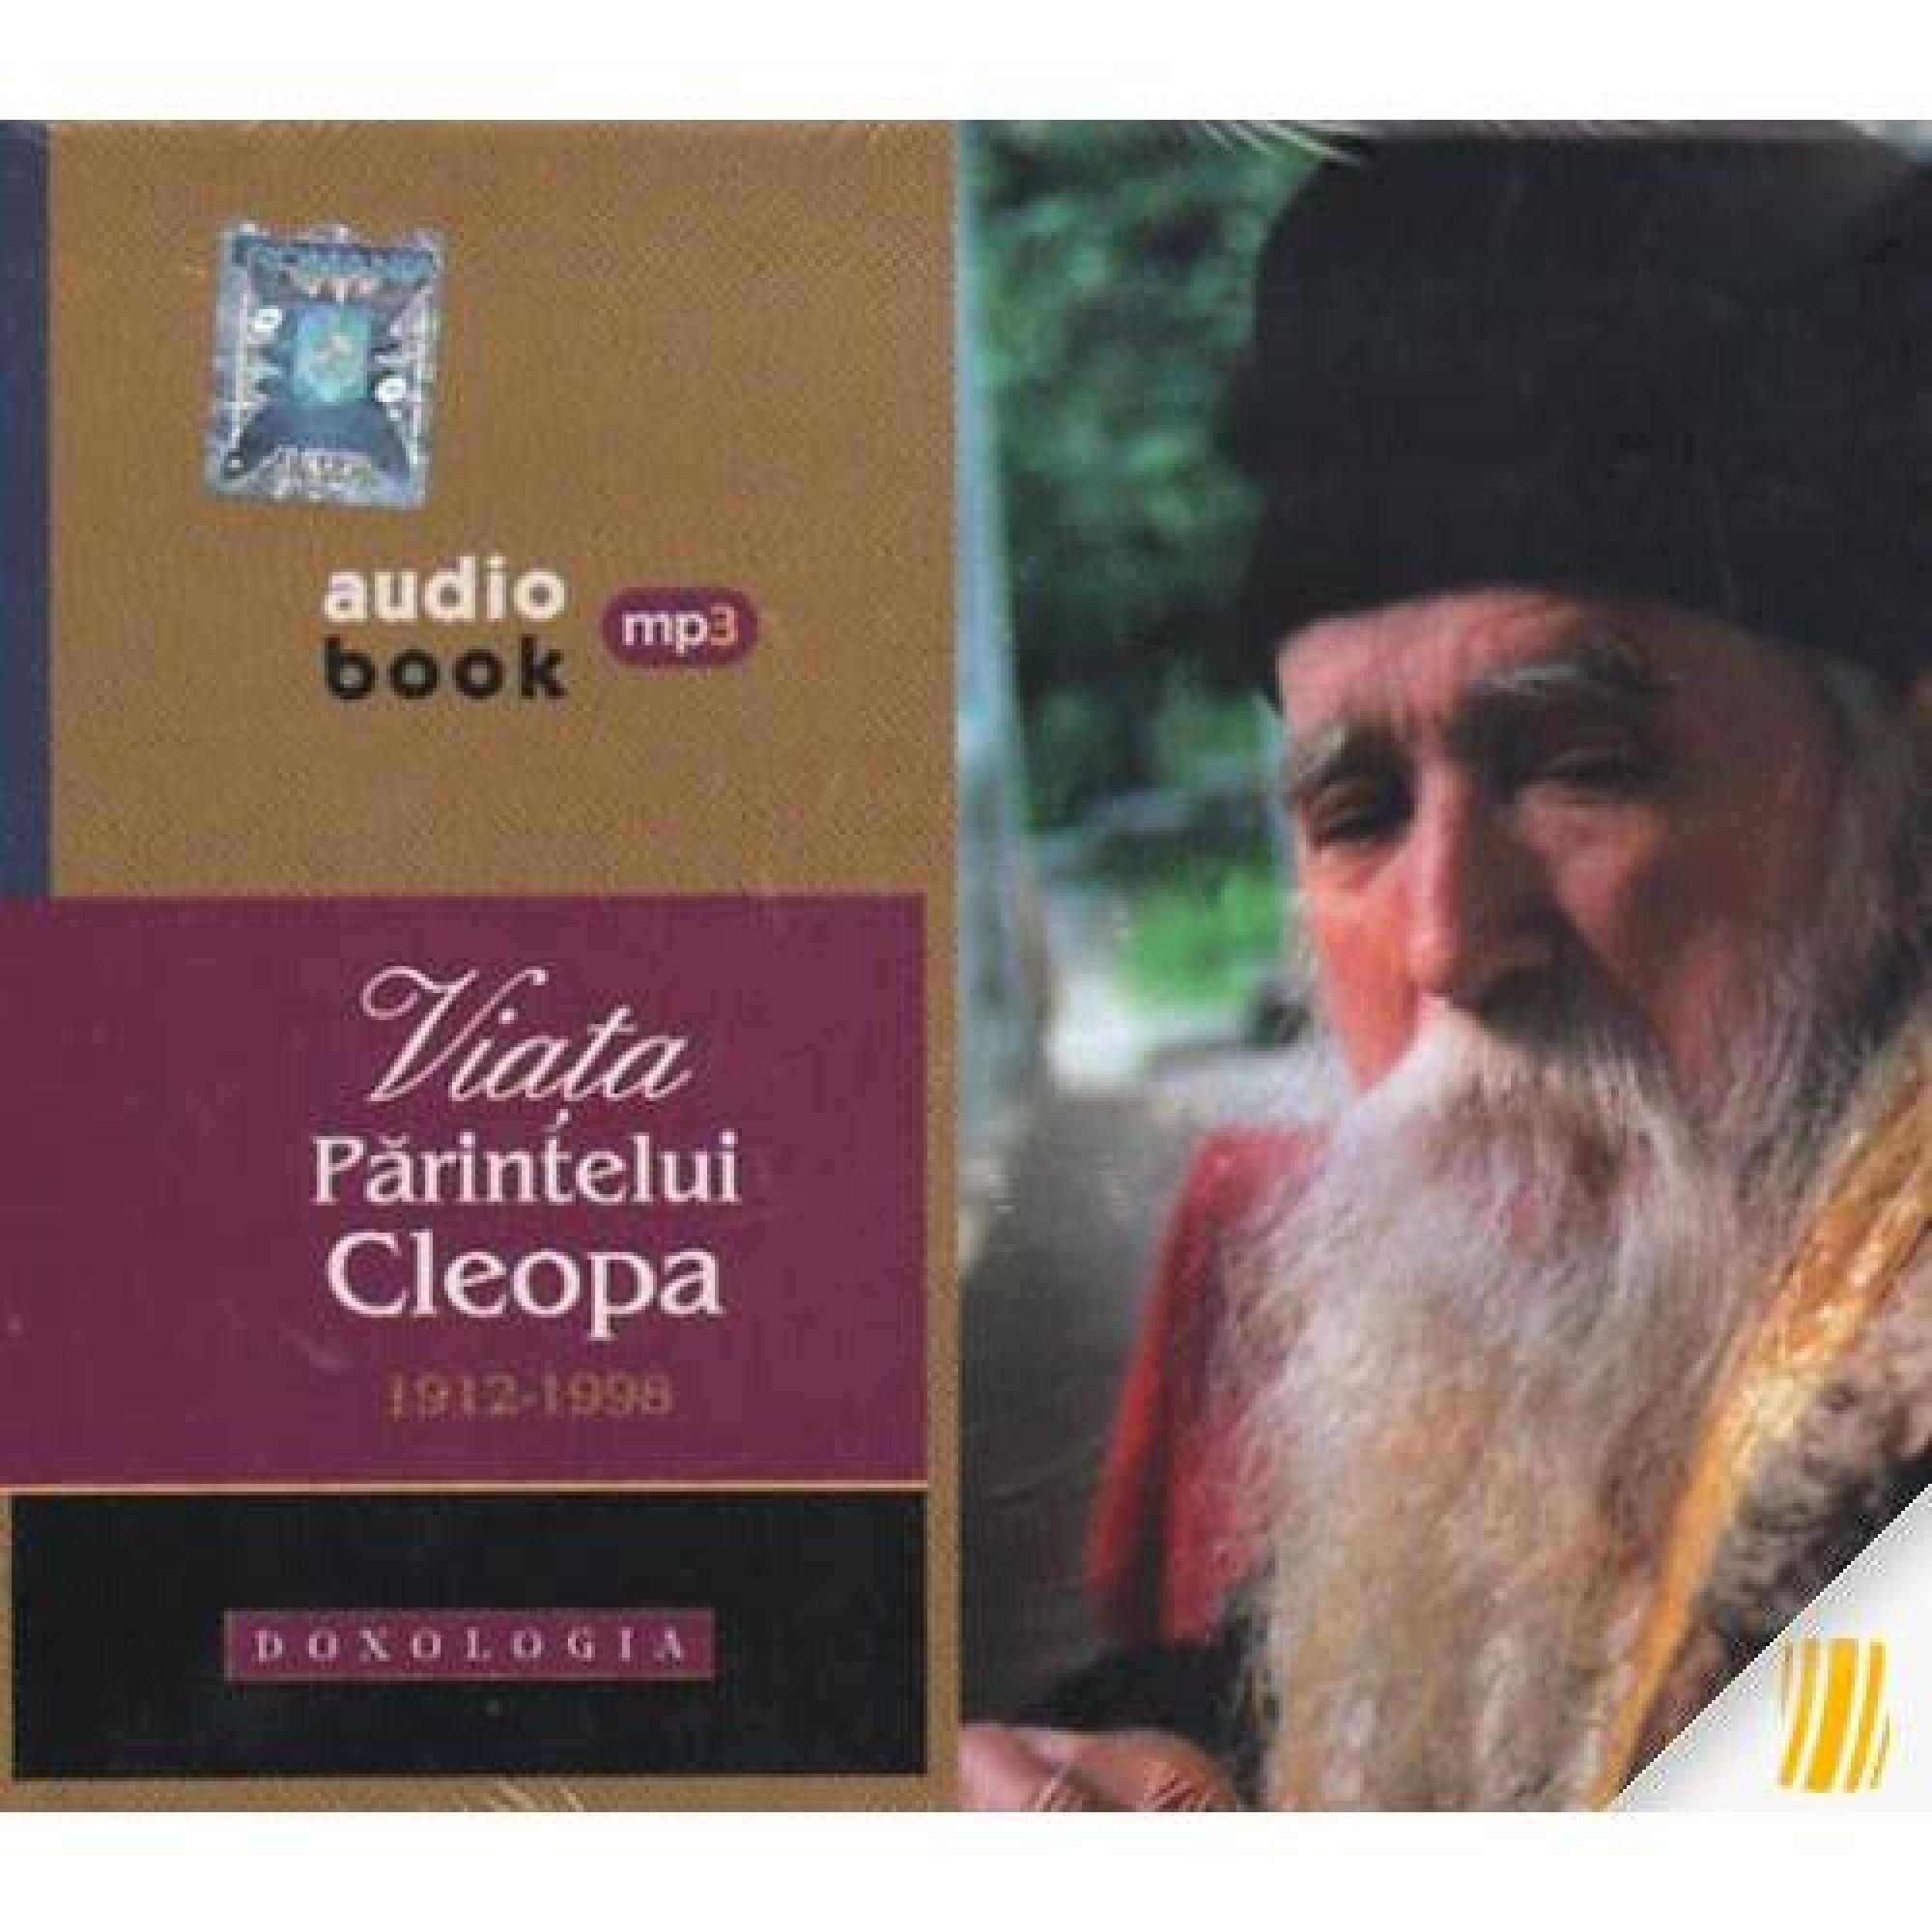 Viața Părintelui Cleopa 1912-1998